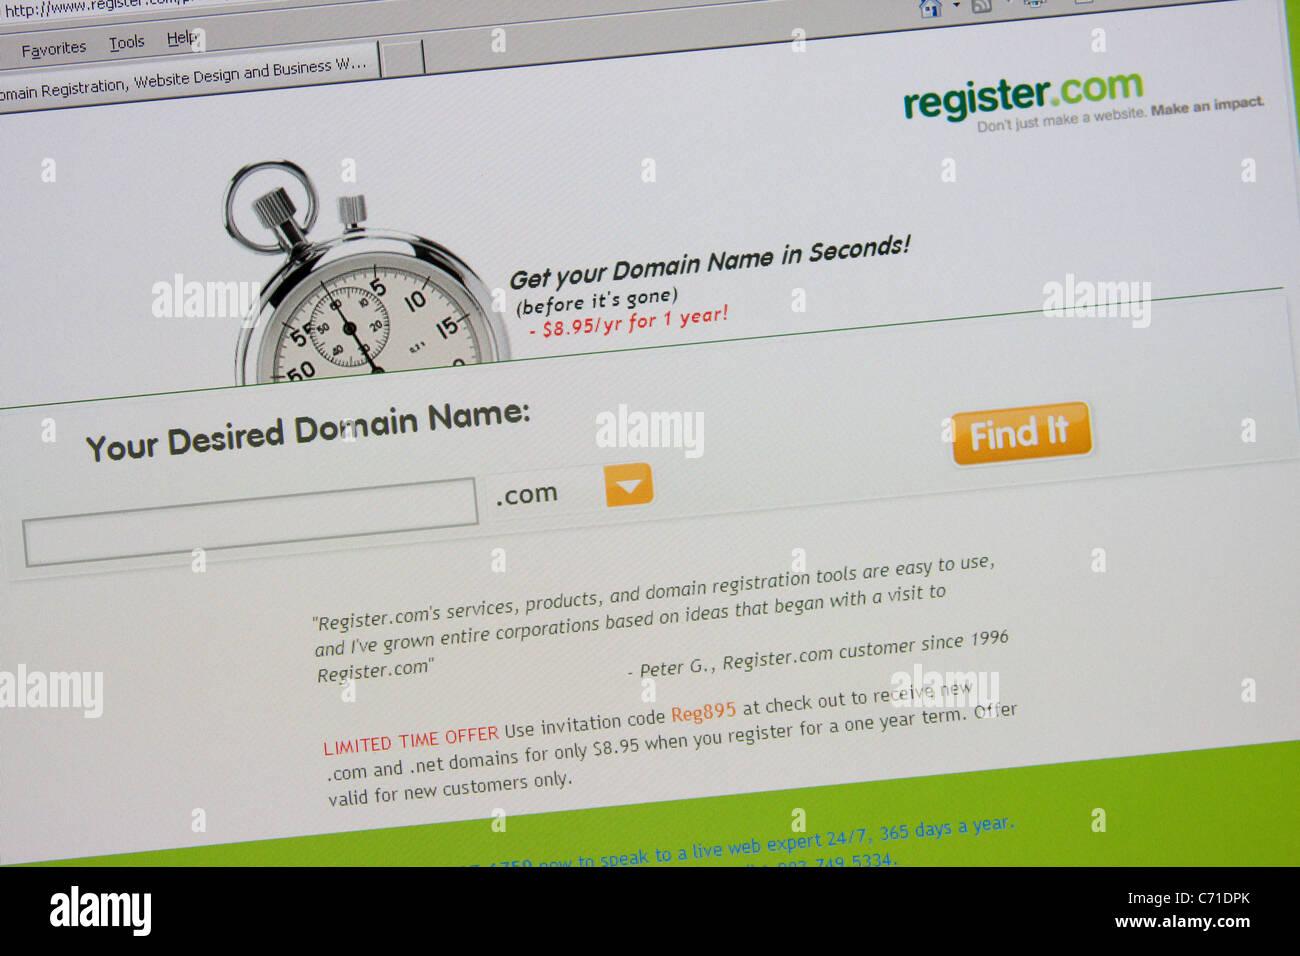 register domain name online - Stock Image